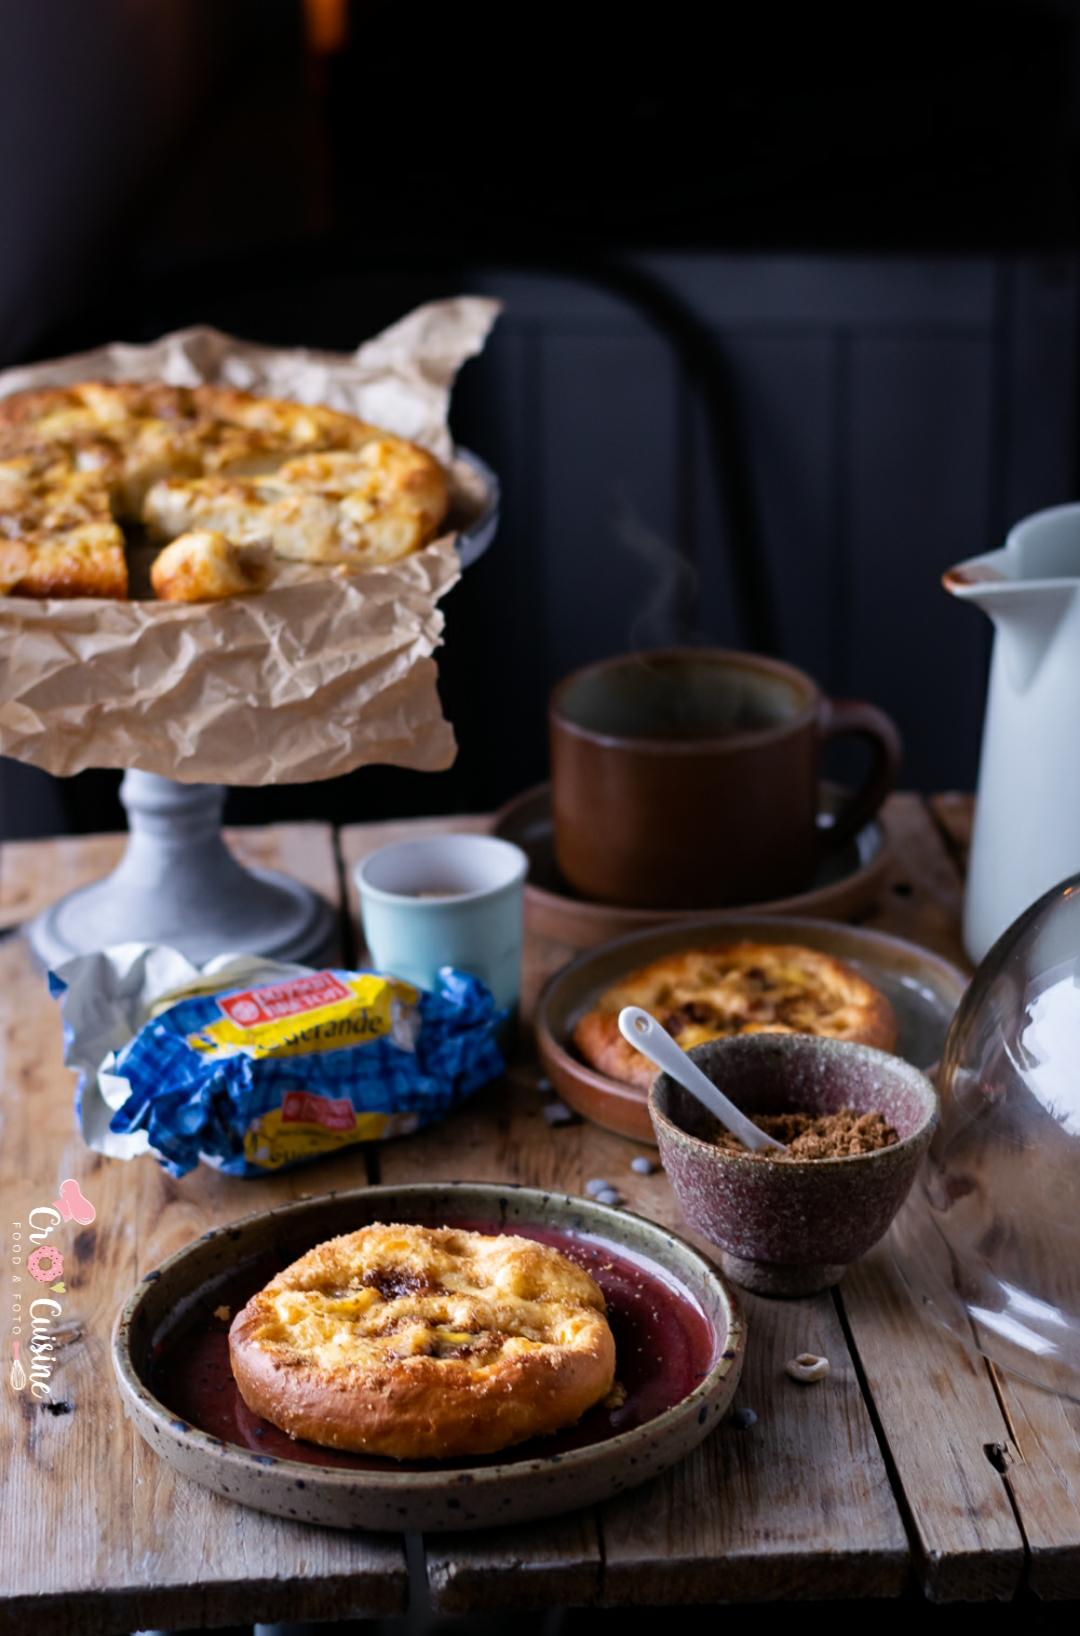 la vraie tarte au sucre du Nord Pas-de-Calais est une brioche moelleuse recouverte de sucre vergeoise.